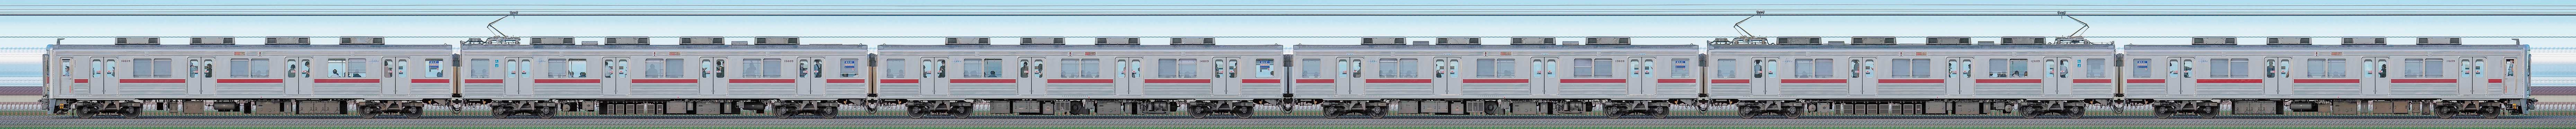 東武10000型11609編成(リニューアル車・山側)の編成サイドビュー